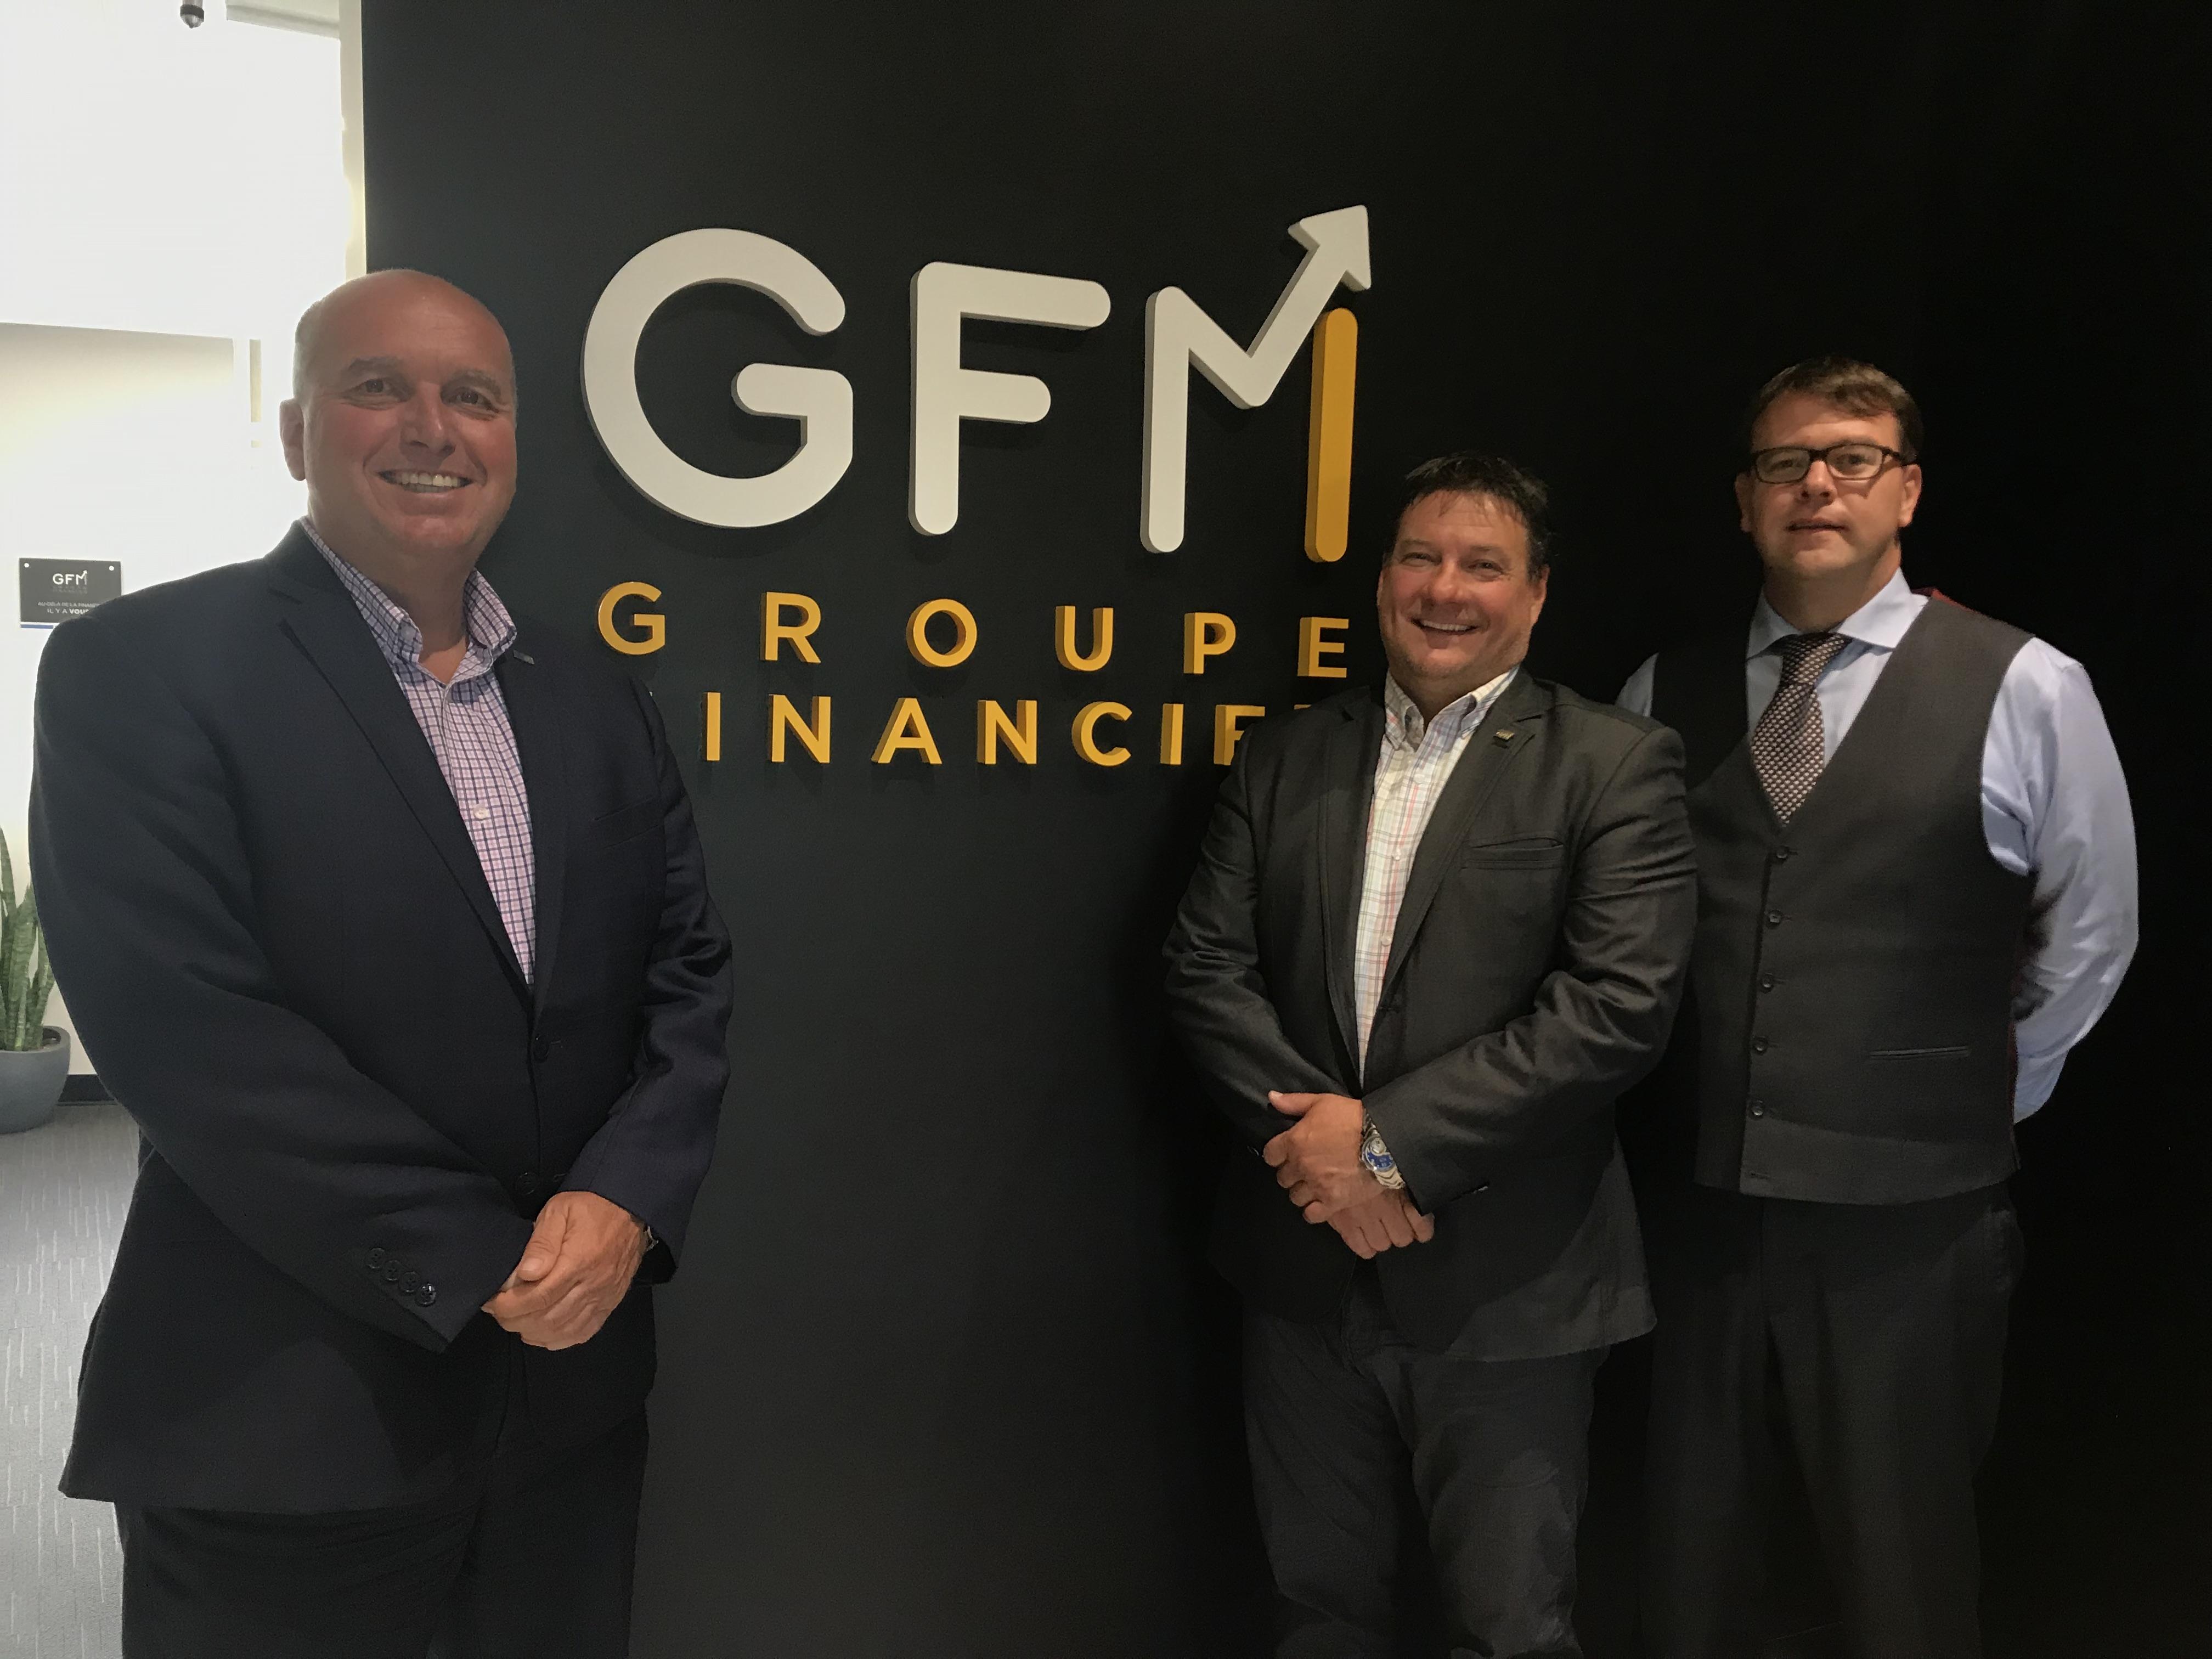 GFM Groupe Financier